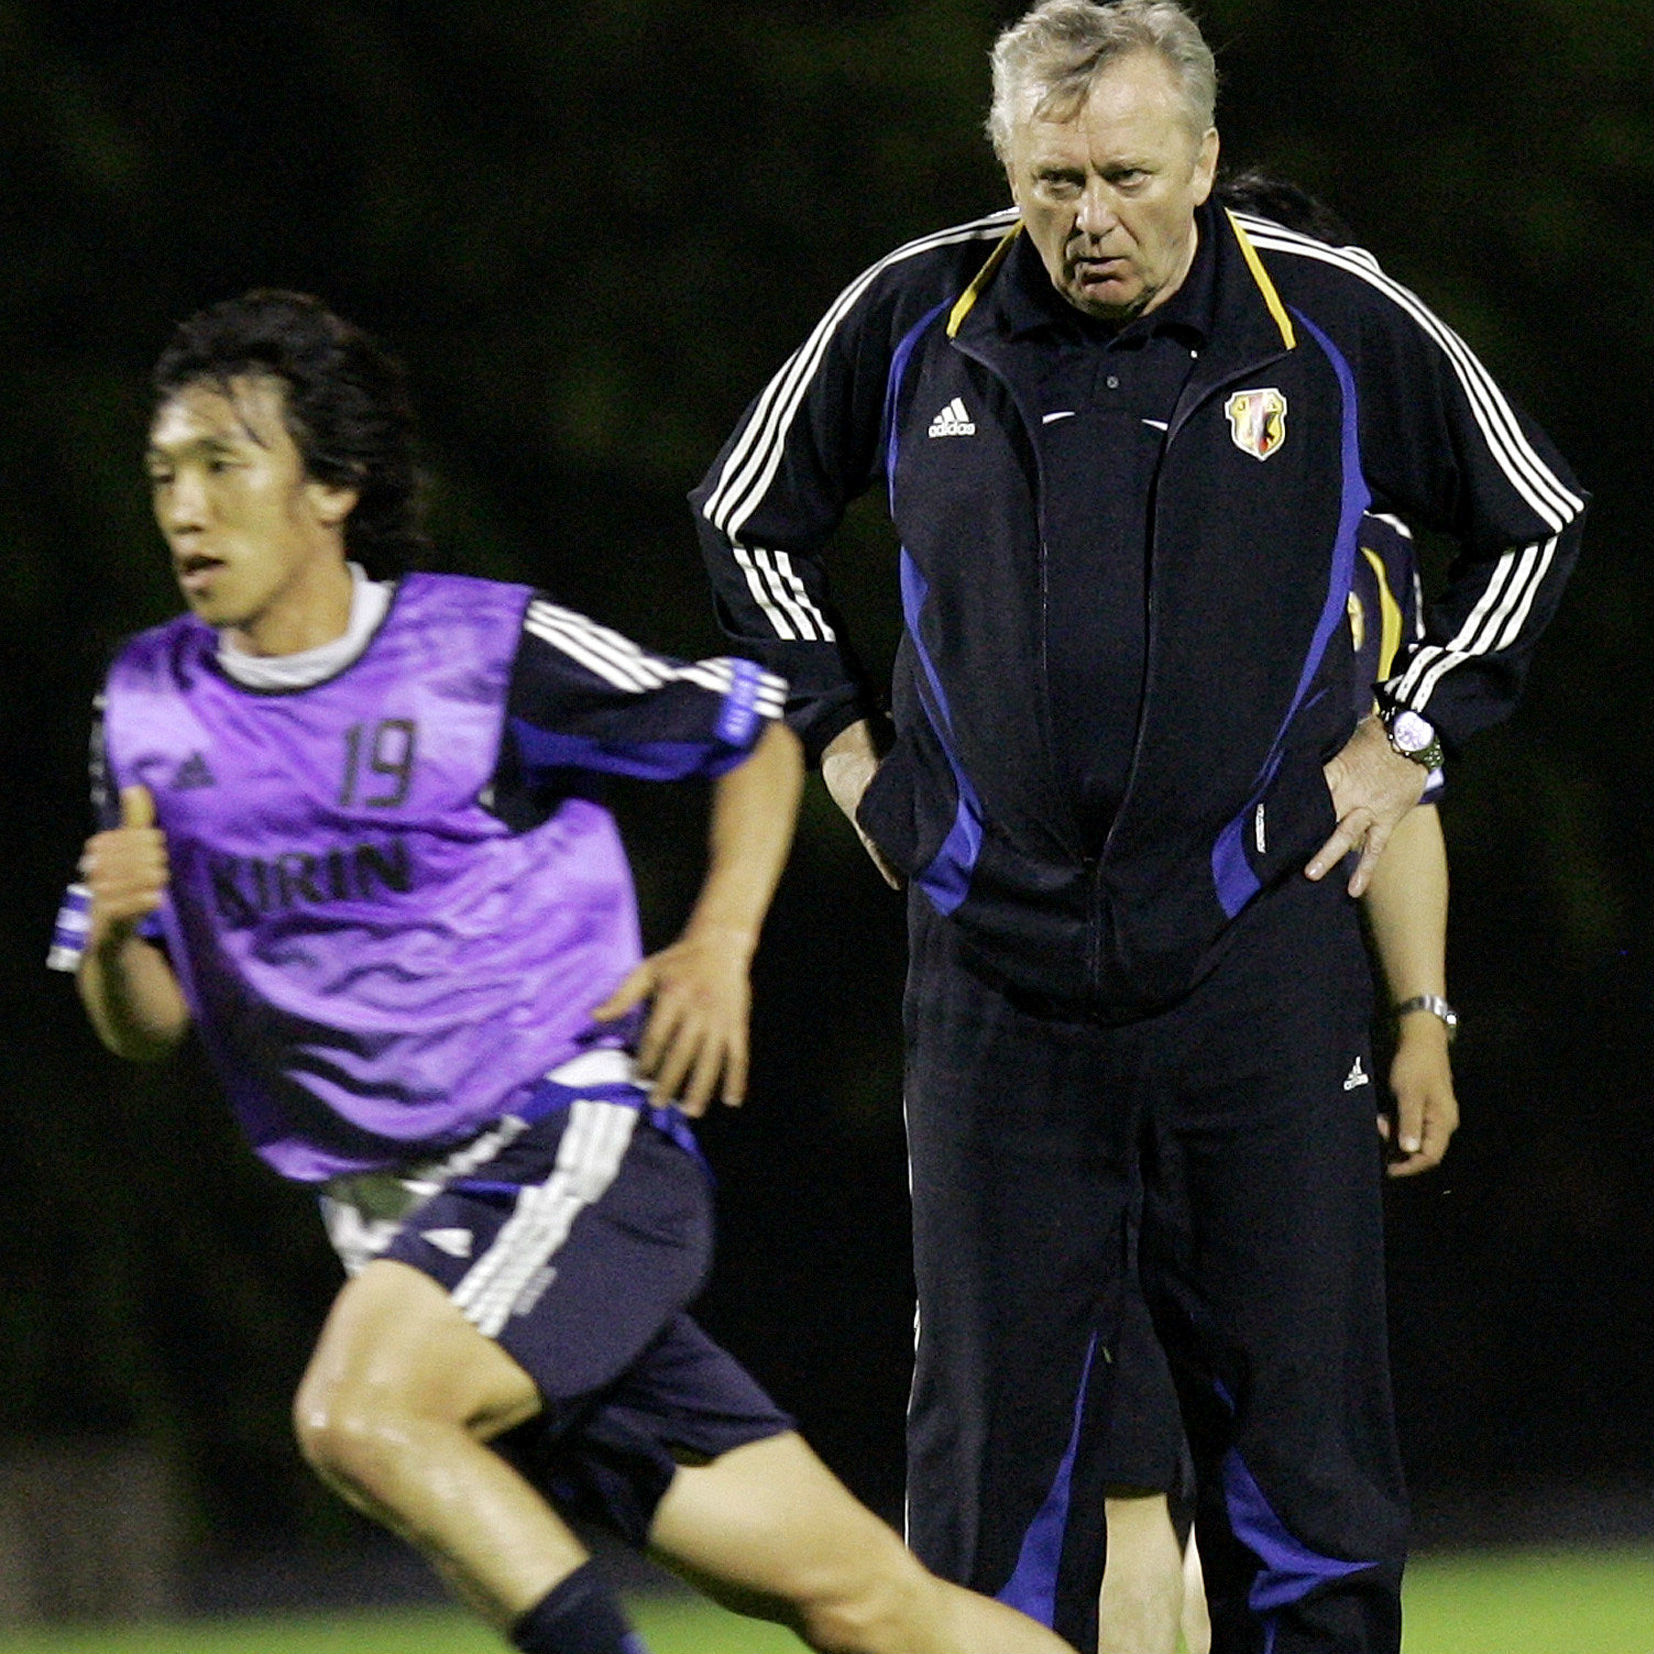 元サッカー代表監督・オシム氏が、キャプテンに求めた「オーソリティ」